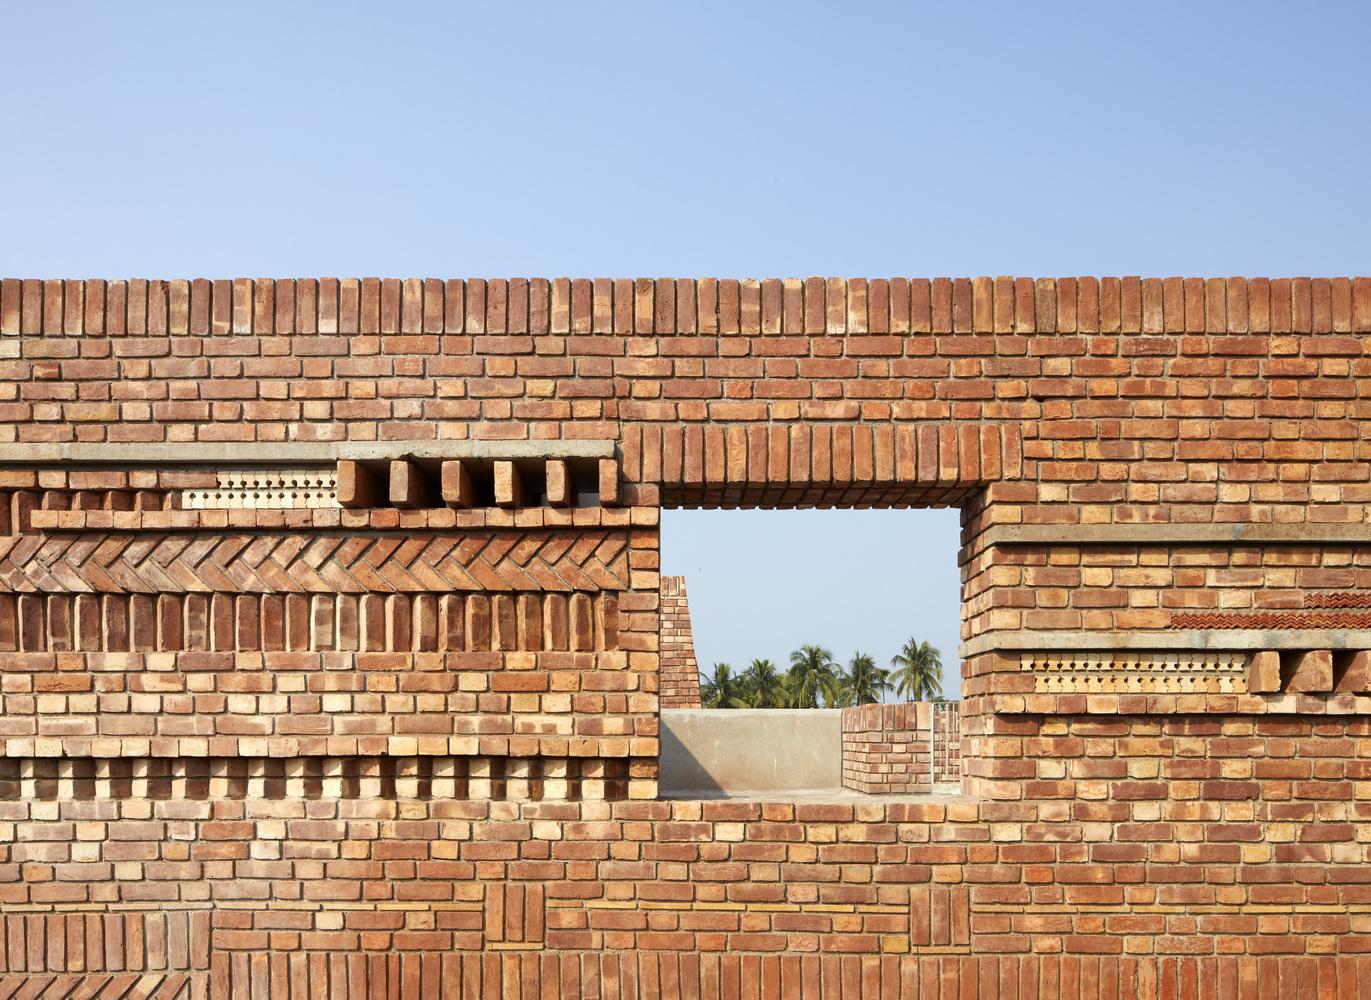 קרמיקה ולבנים במרכז אמנות קהילתי בהודו